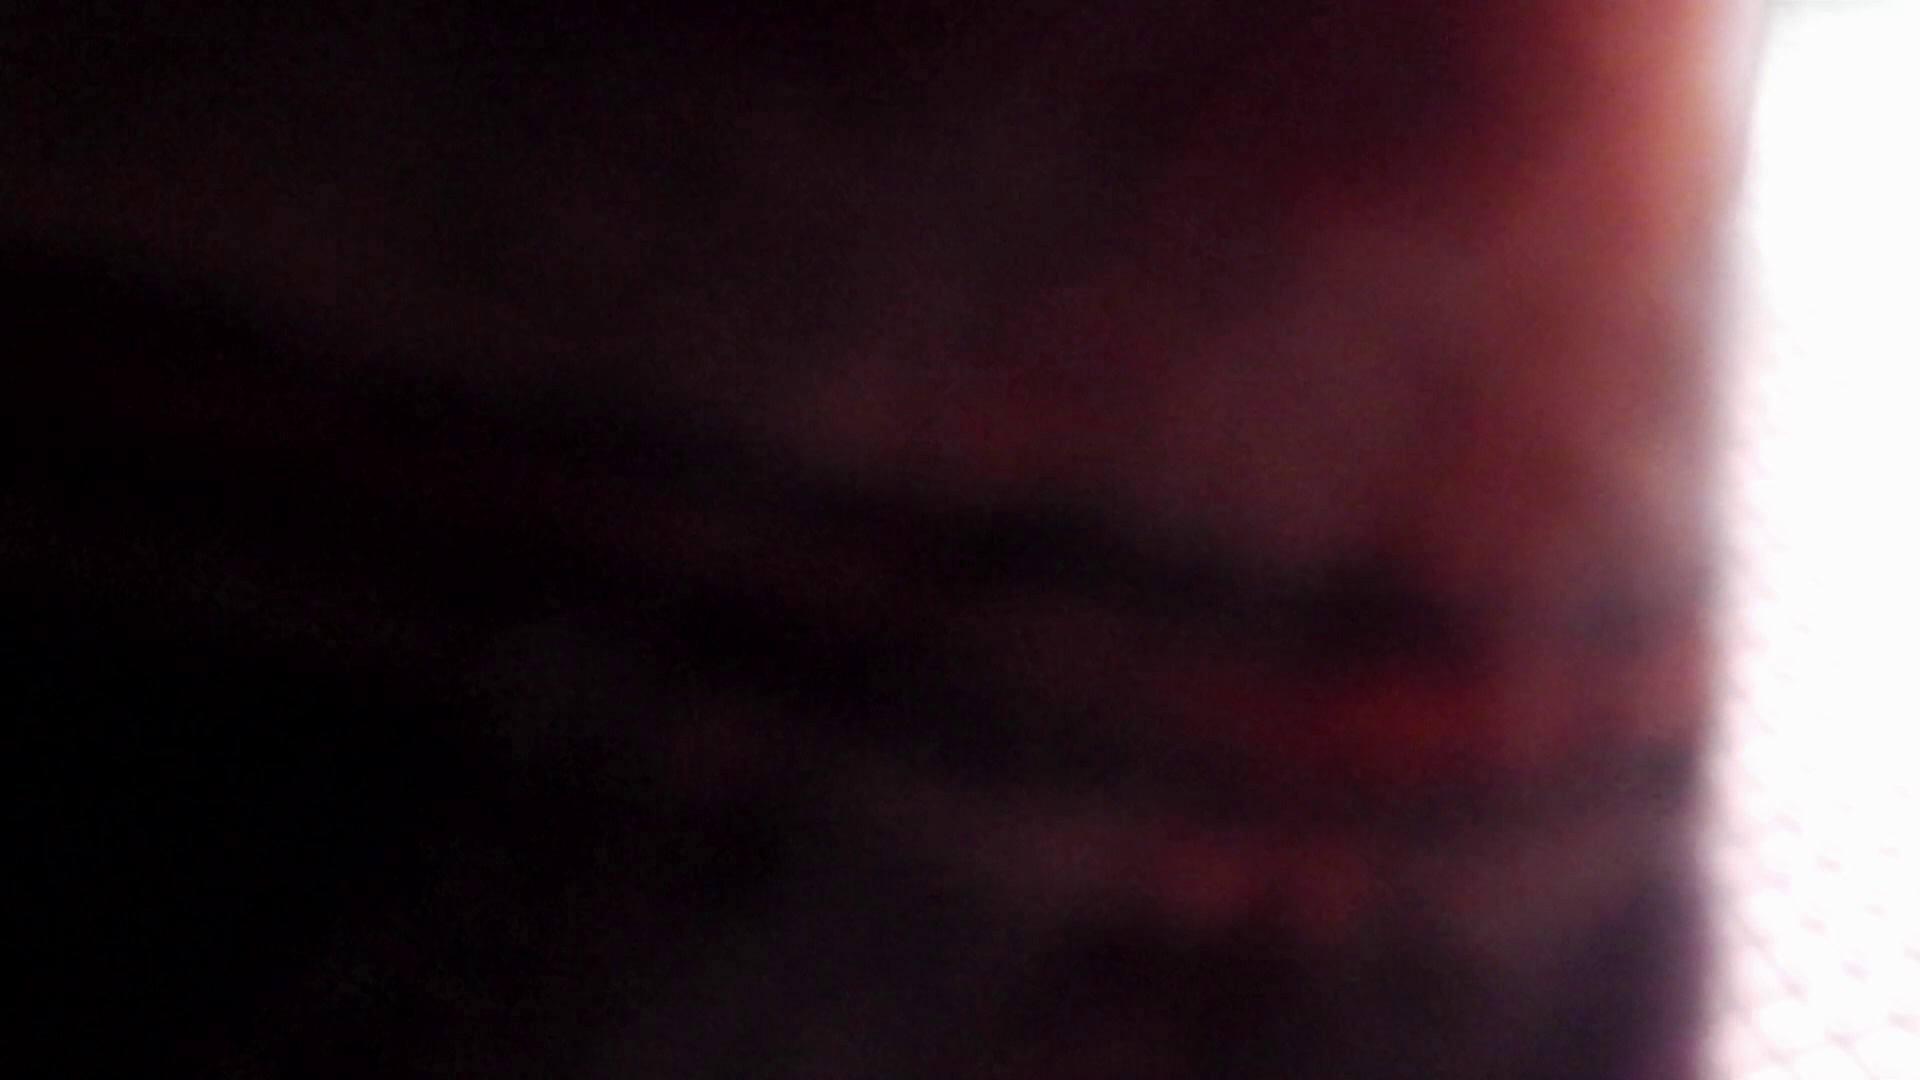 ▲復活限定▲マンコ丸見え!花火大会潜入撮 Vol.02 明るい場所に移動! 丸見え | 高画質動画  95画像 55